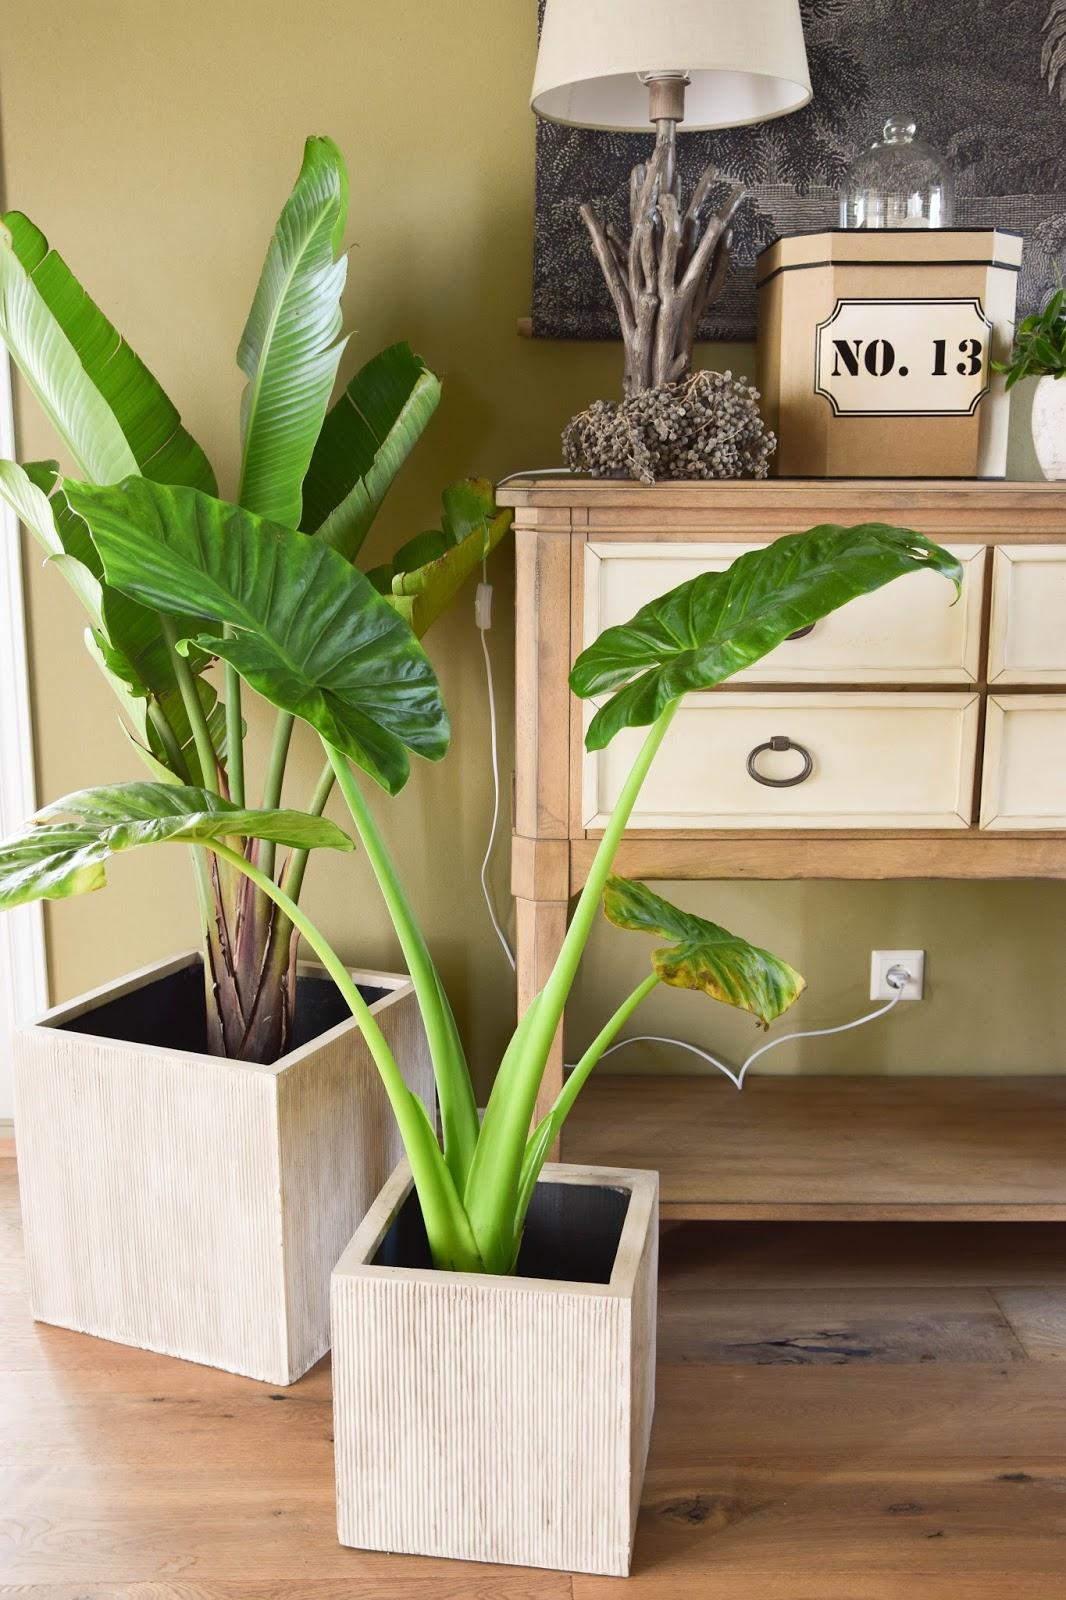 Botanical Style Und Neue Deko Fürs Wohnzimmer Mit Übertöpfen Von VIVANNO.  Dekoideen, Deko,